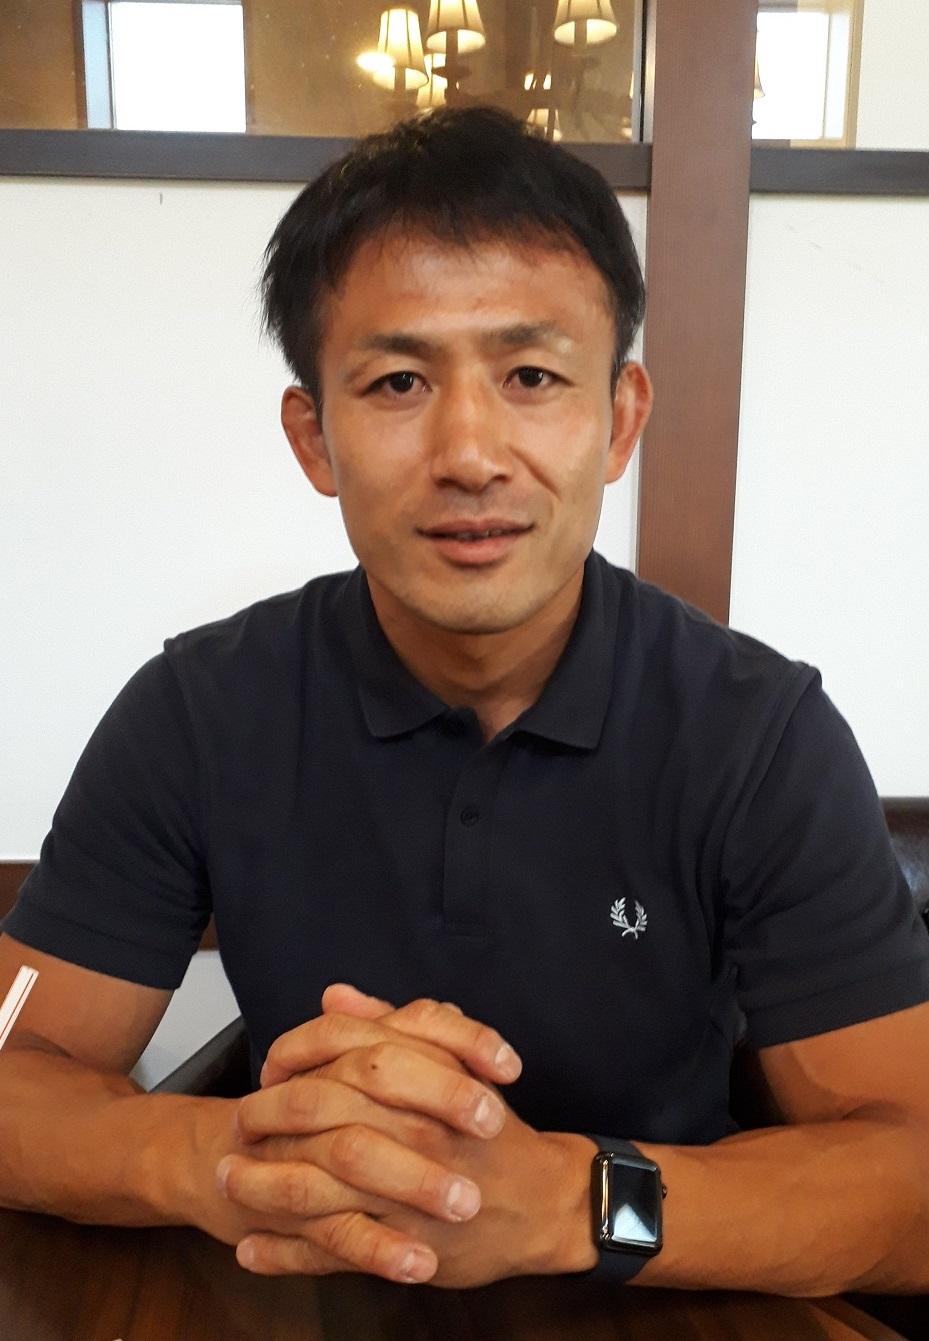 写真・図版 : ラグビーと教育について語る小野沢宏時さん=2019年7月29日、静岡市